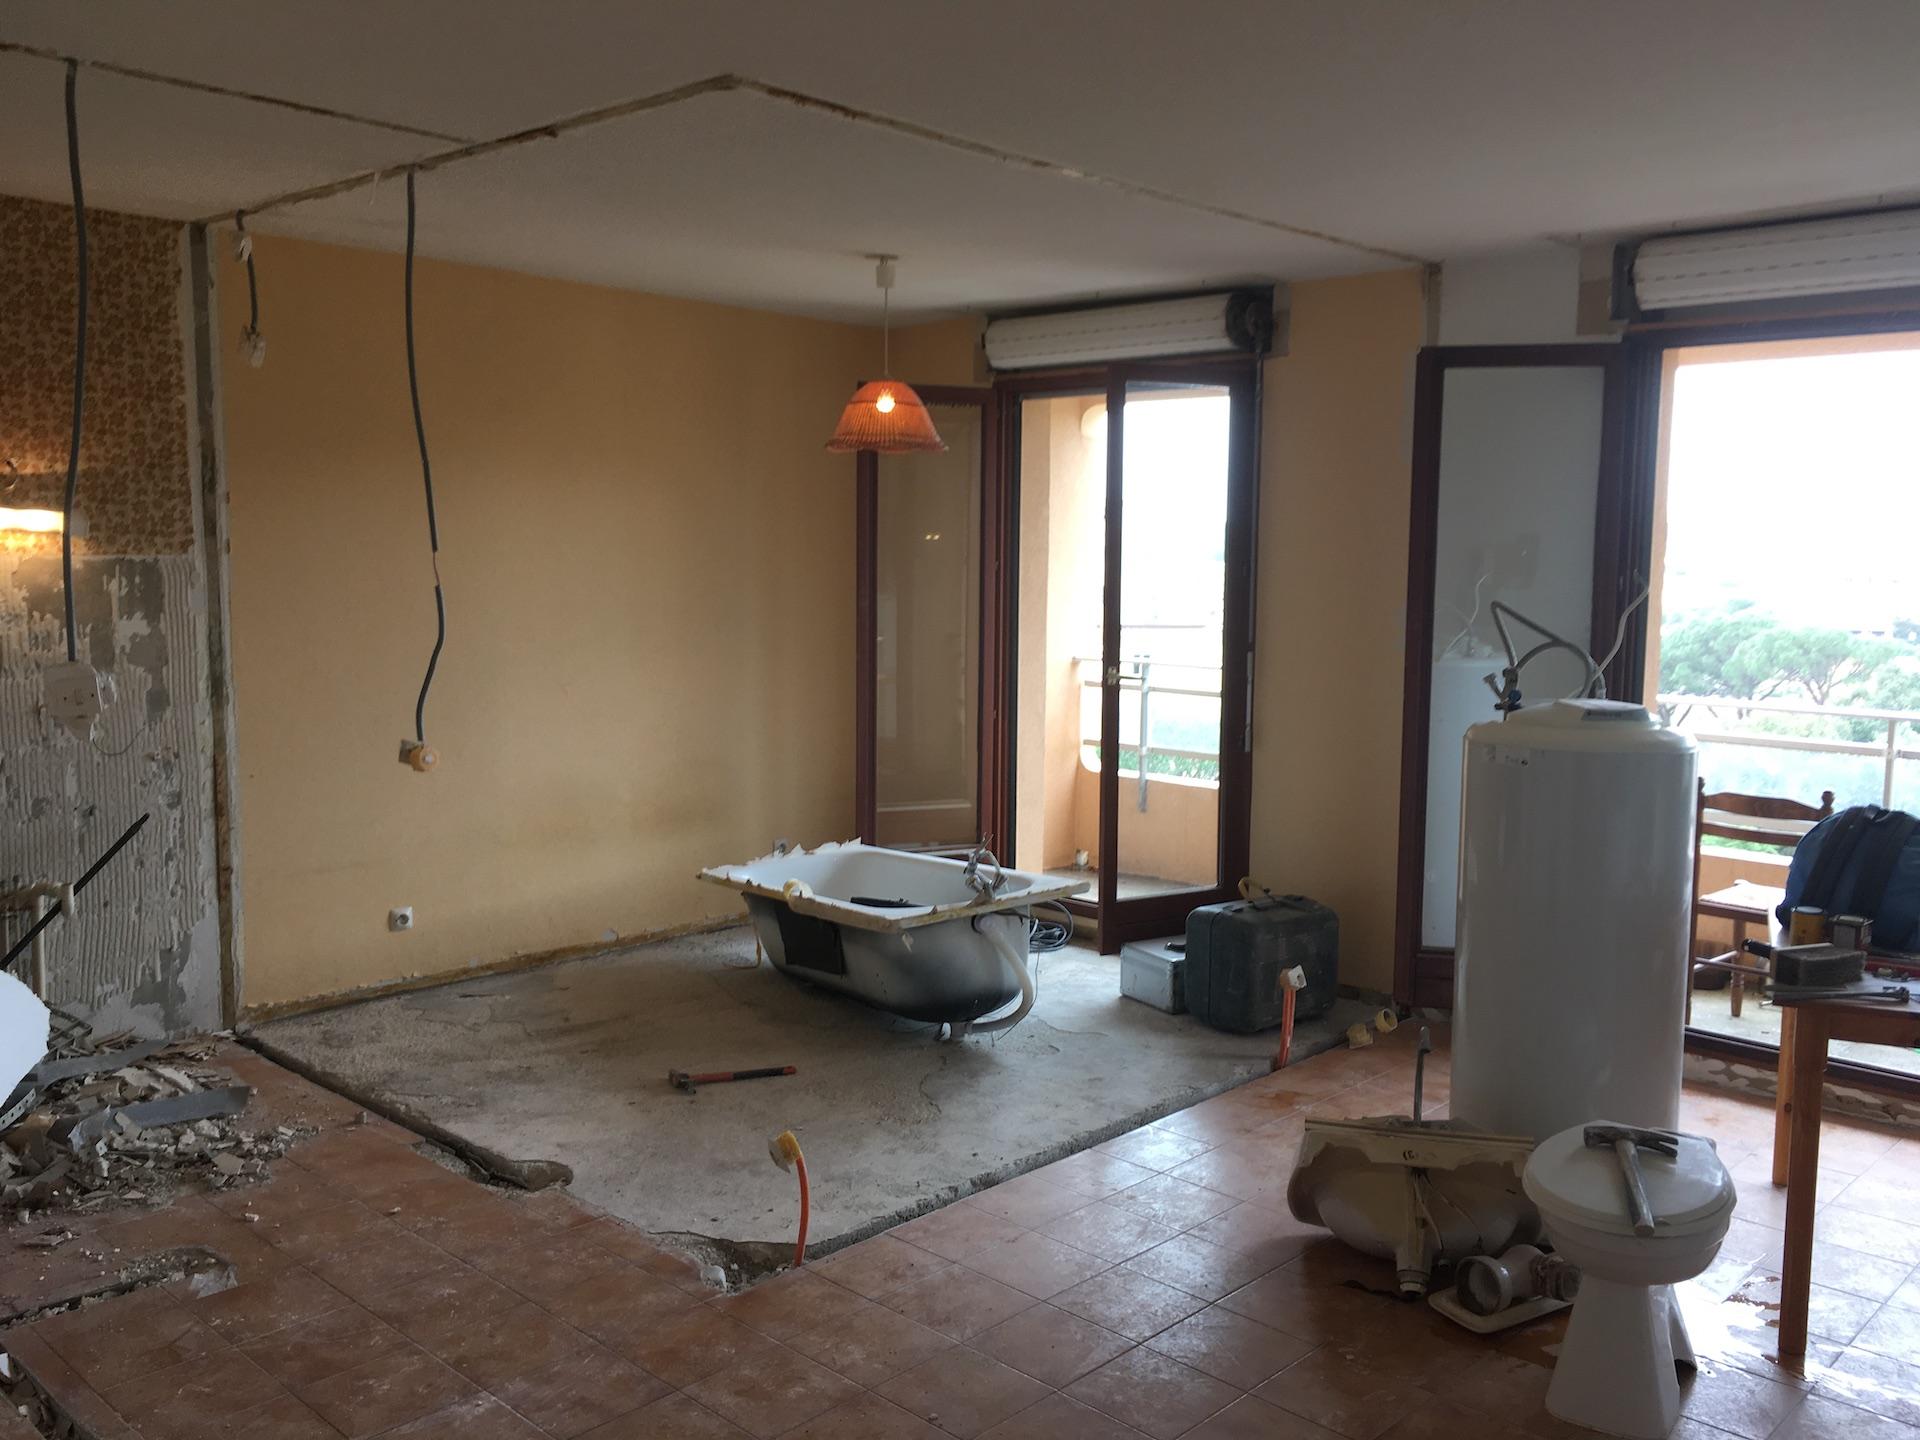 Rénovation-aménagement-décoration-appartement-Sainte-Maxime-architecte-interieur-var11